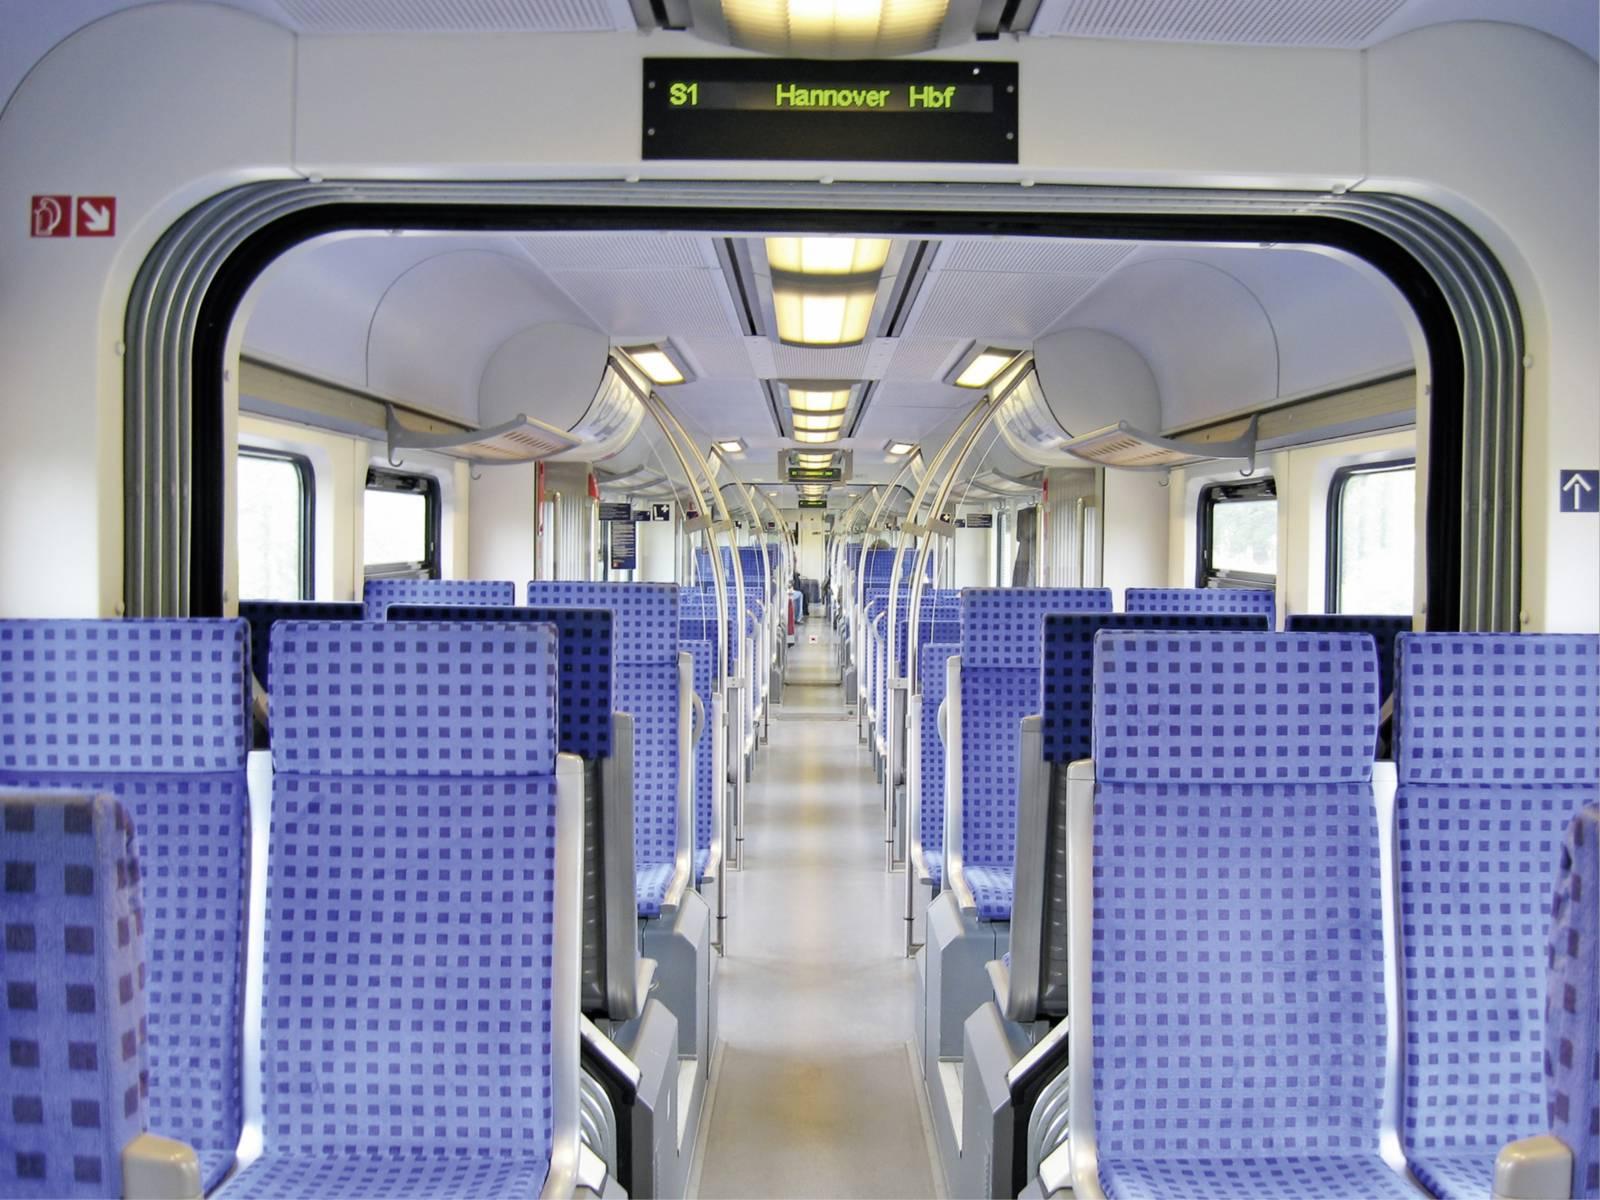 Blick in den Mittelgang eines S-Bahn-Zuges.